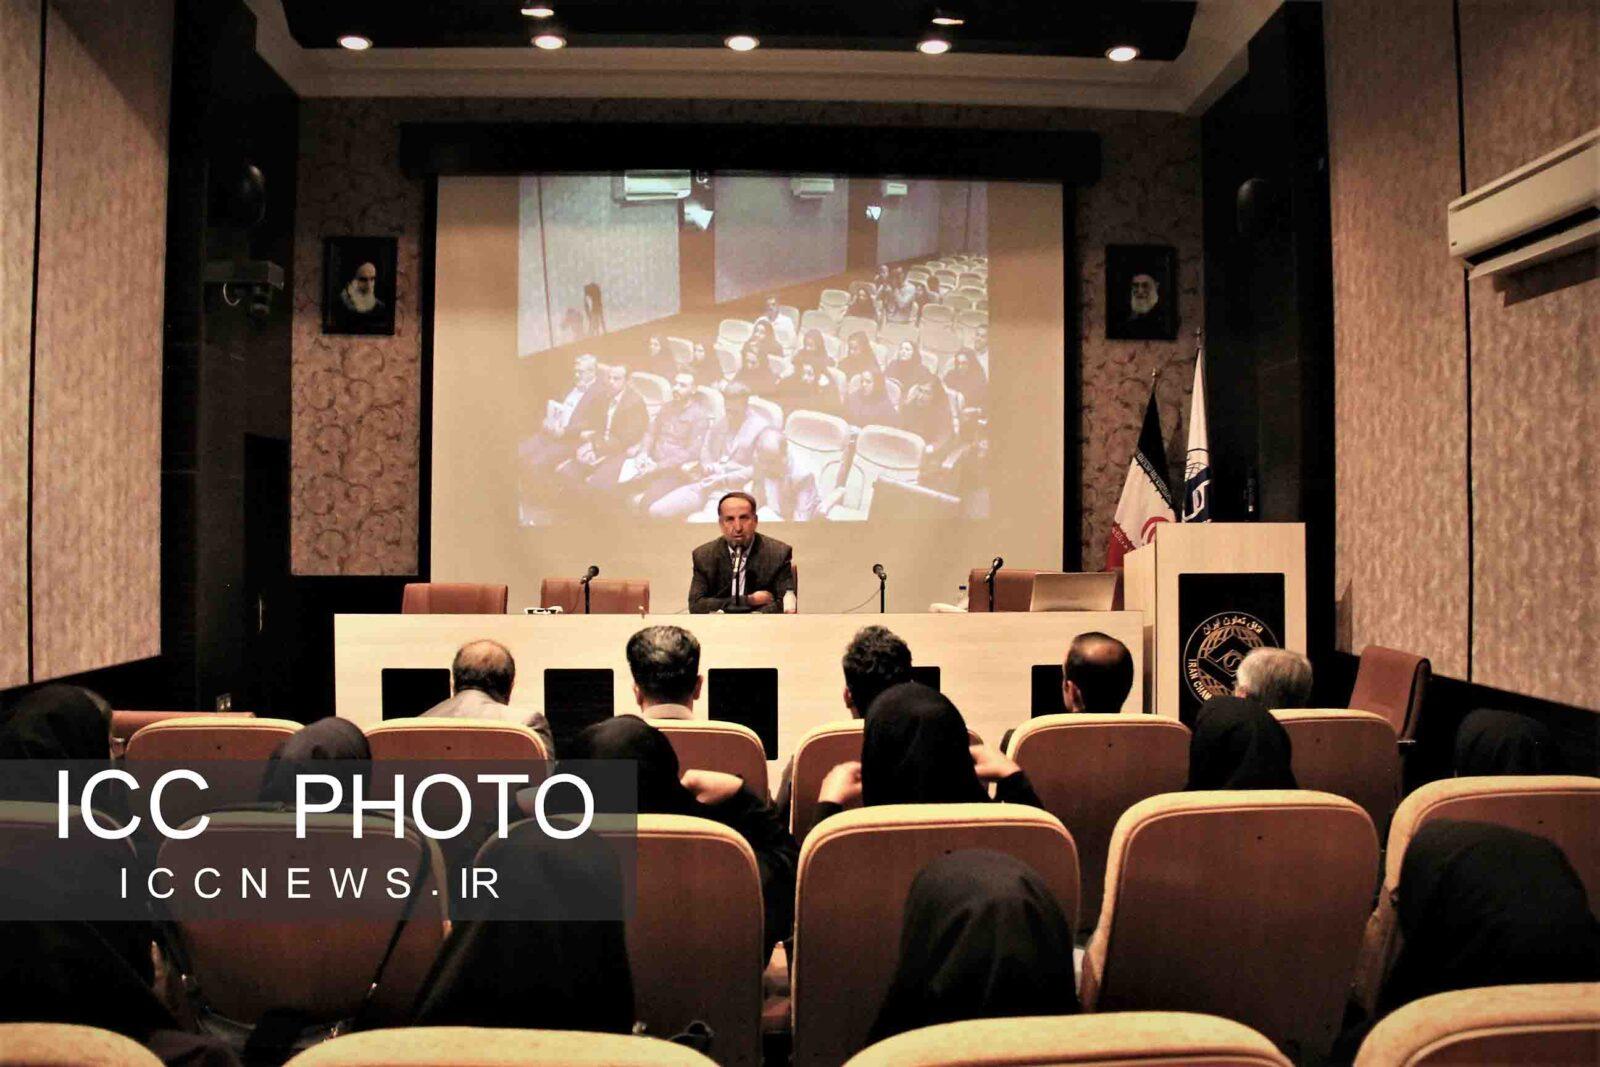 دومین کارگاه آموزشی صدور گواهی فعالیت اتاق تعاون ایران برگزار شد